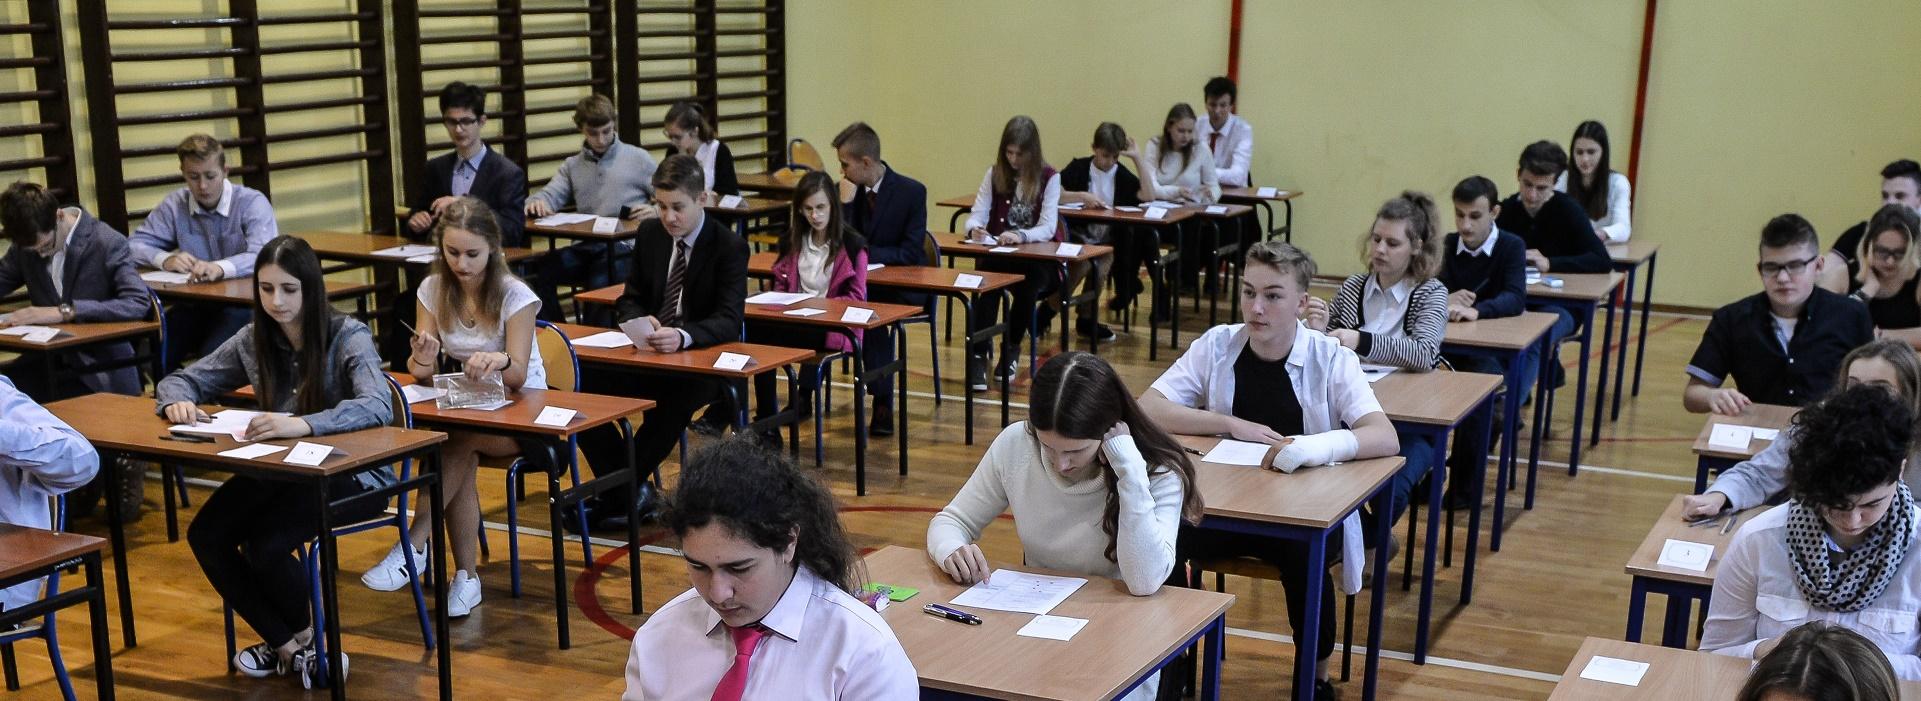 W niektórych szkołach może być problem z przeprowadzeniem egzaminu